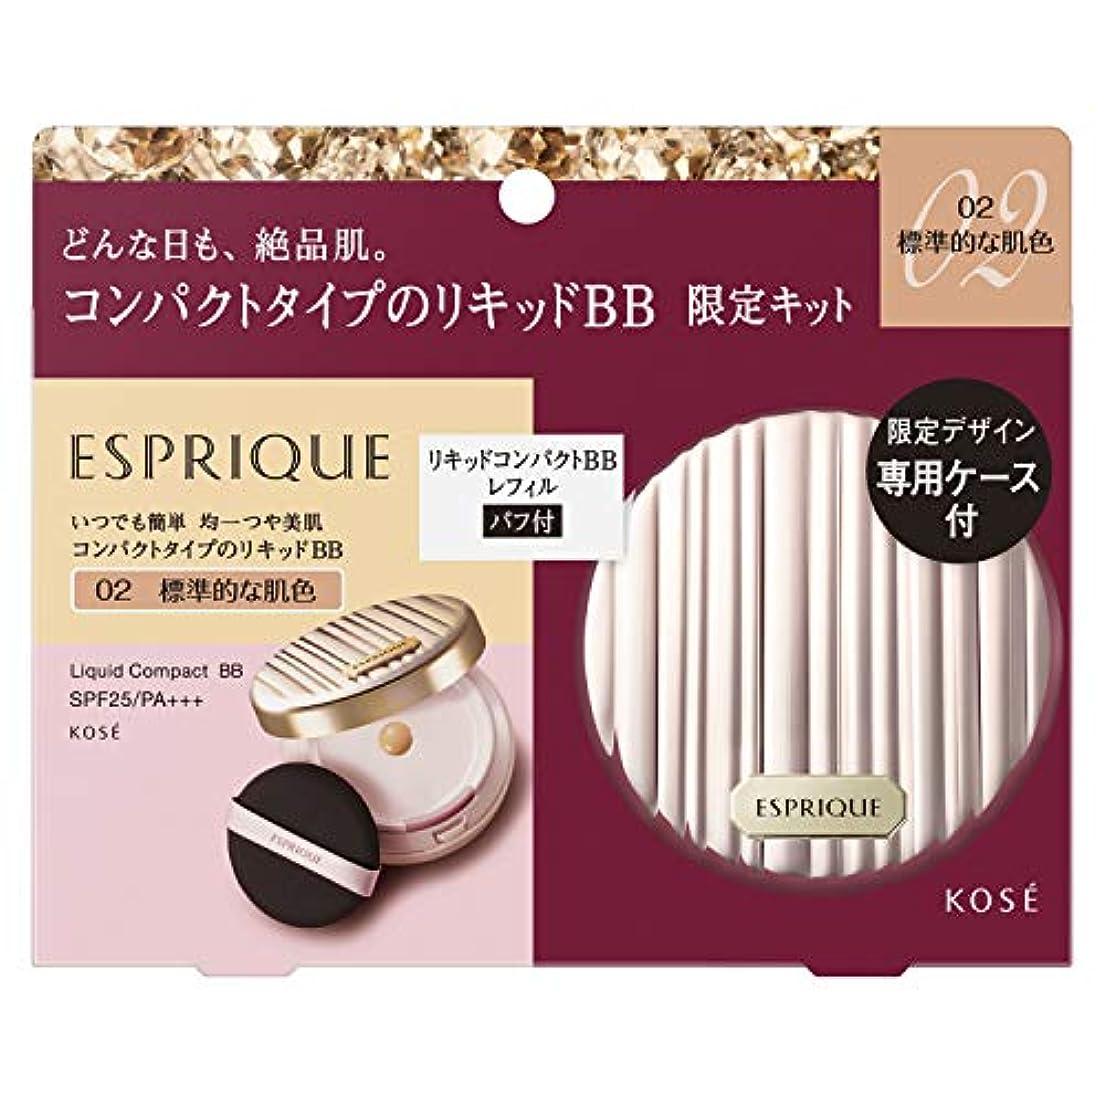 持つ災難料理ESPRIQUE(エスプリーク) エスプリーク リキッド コンパクト BB 限定キット 2 BBクリーム 02 標準的な肌色 セット 13g+ケース付き